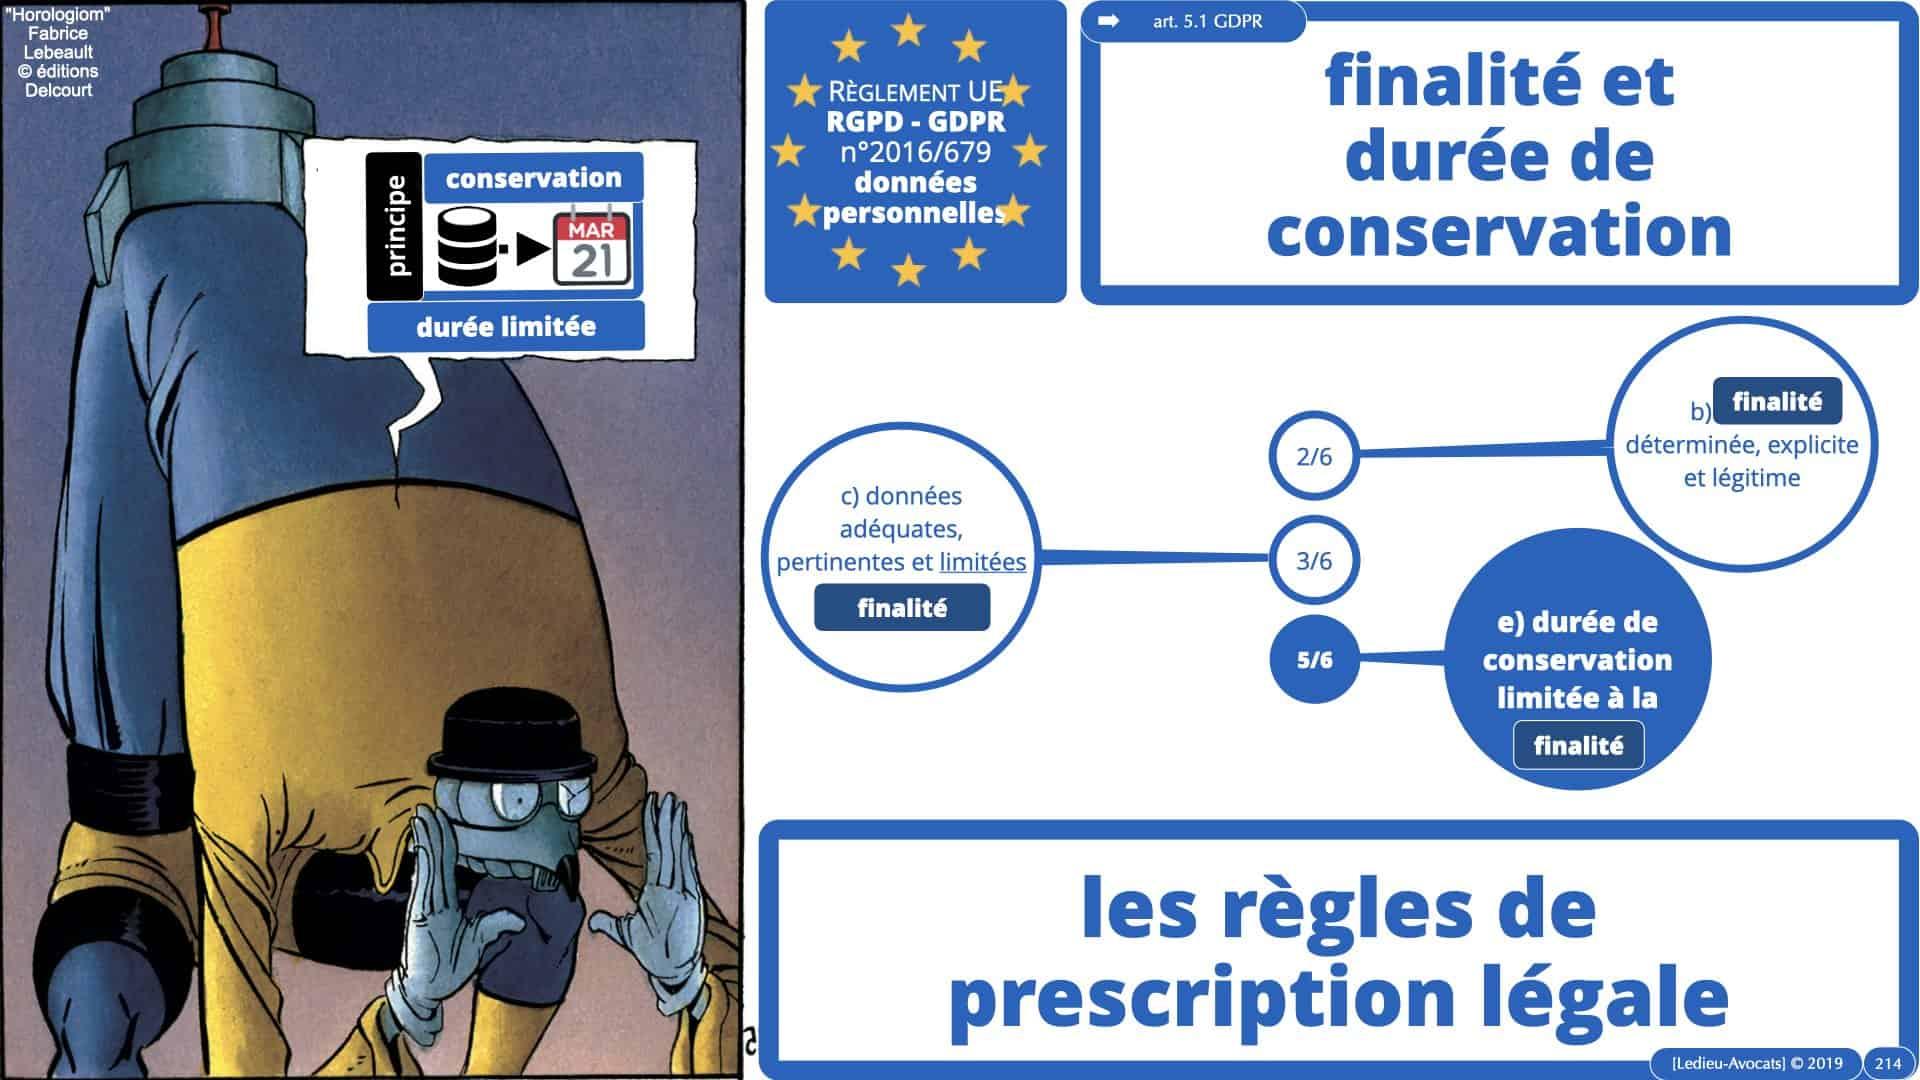 RGPD e-Privacy données personnelles jurisprudence formation Lamy Les Echos 10-02-2021 ©Ledieu-Avocats.214